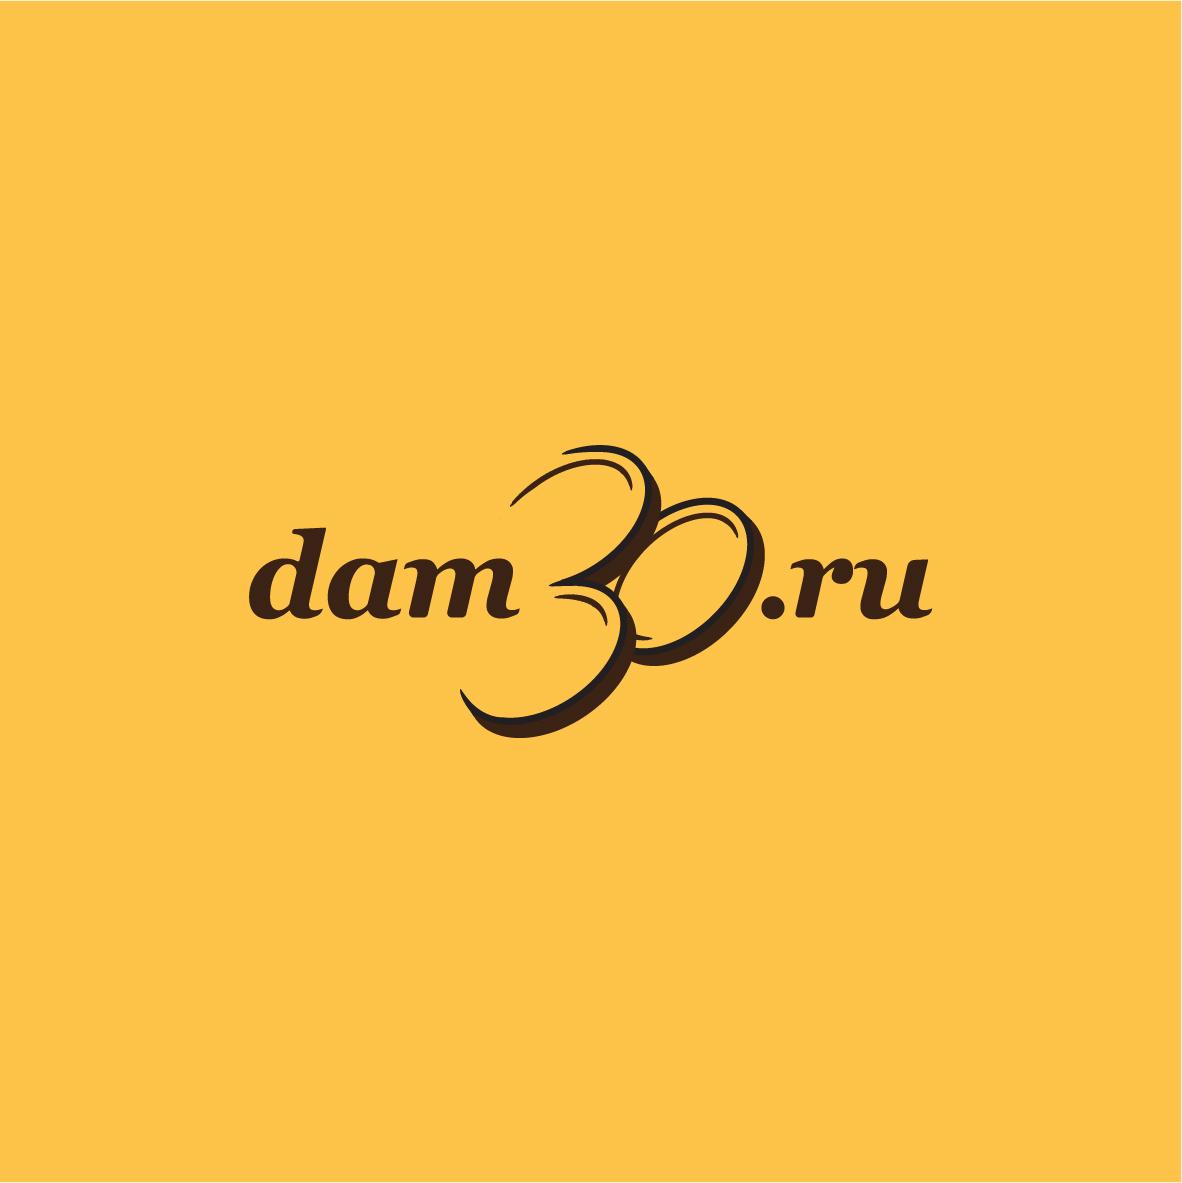 Логотип для микрокредитной, микрофинансовой компании фото f_0225a341cdb78333.jpg